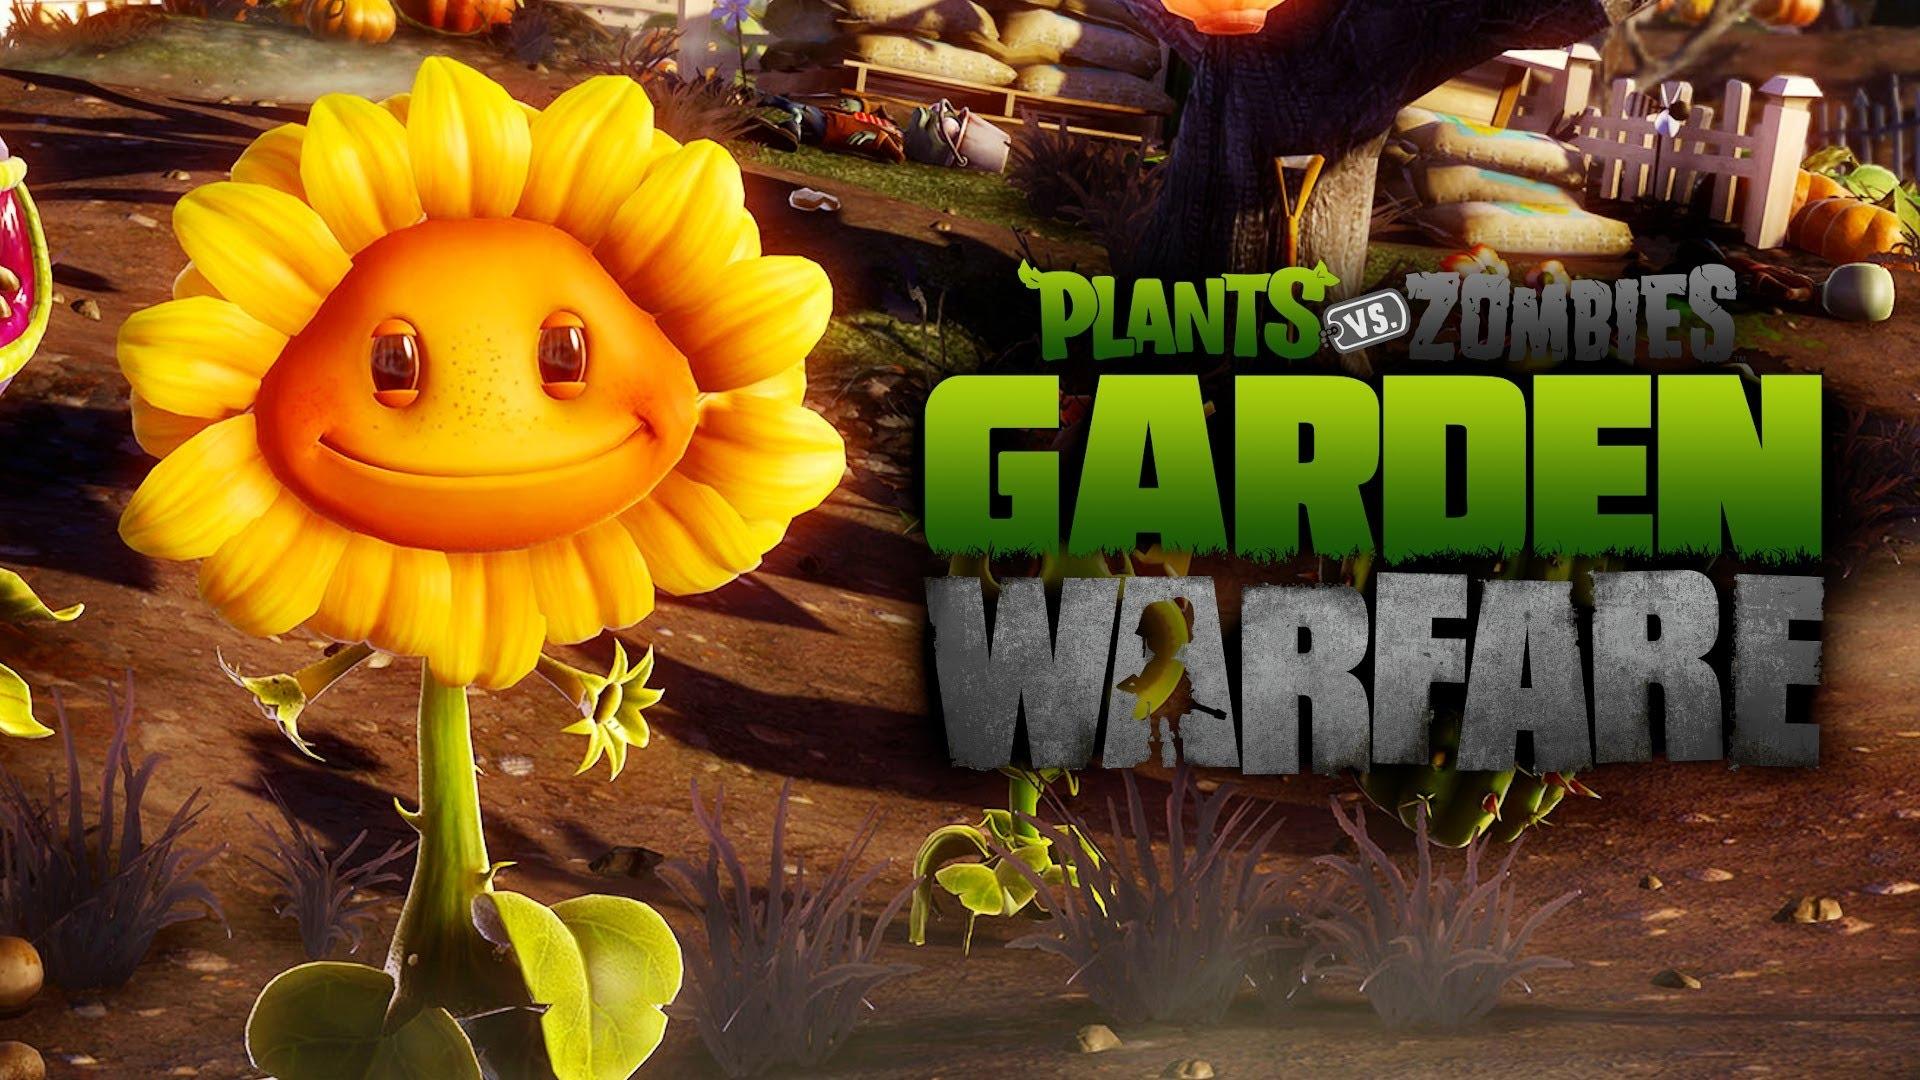 Fondos de plantas contra zombies imagenes y wallpapers hd for Plants vs zombie garden warfare